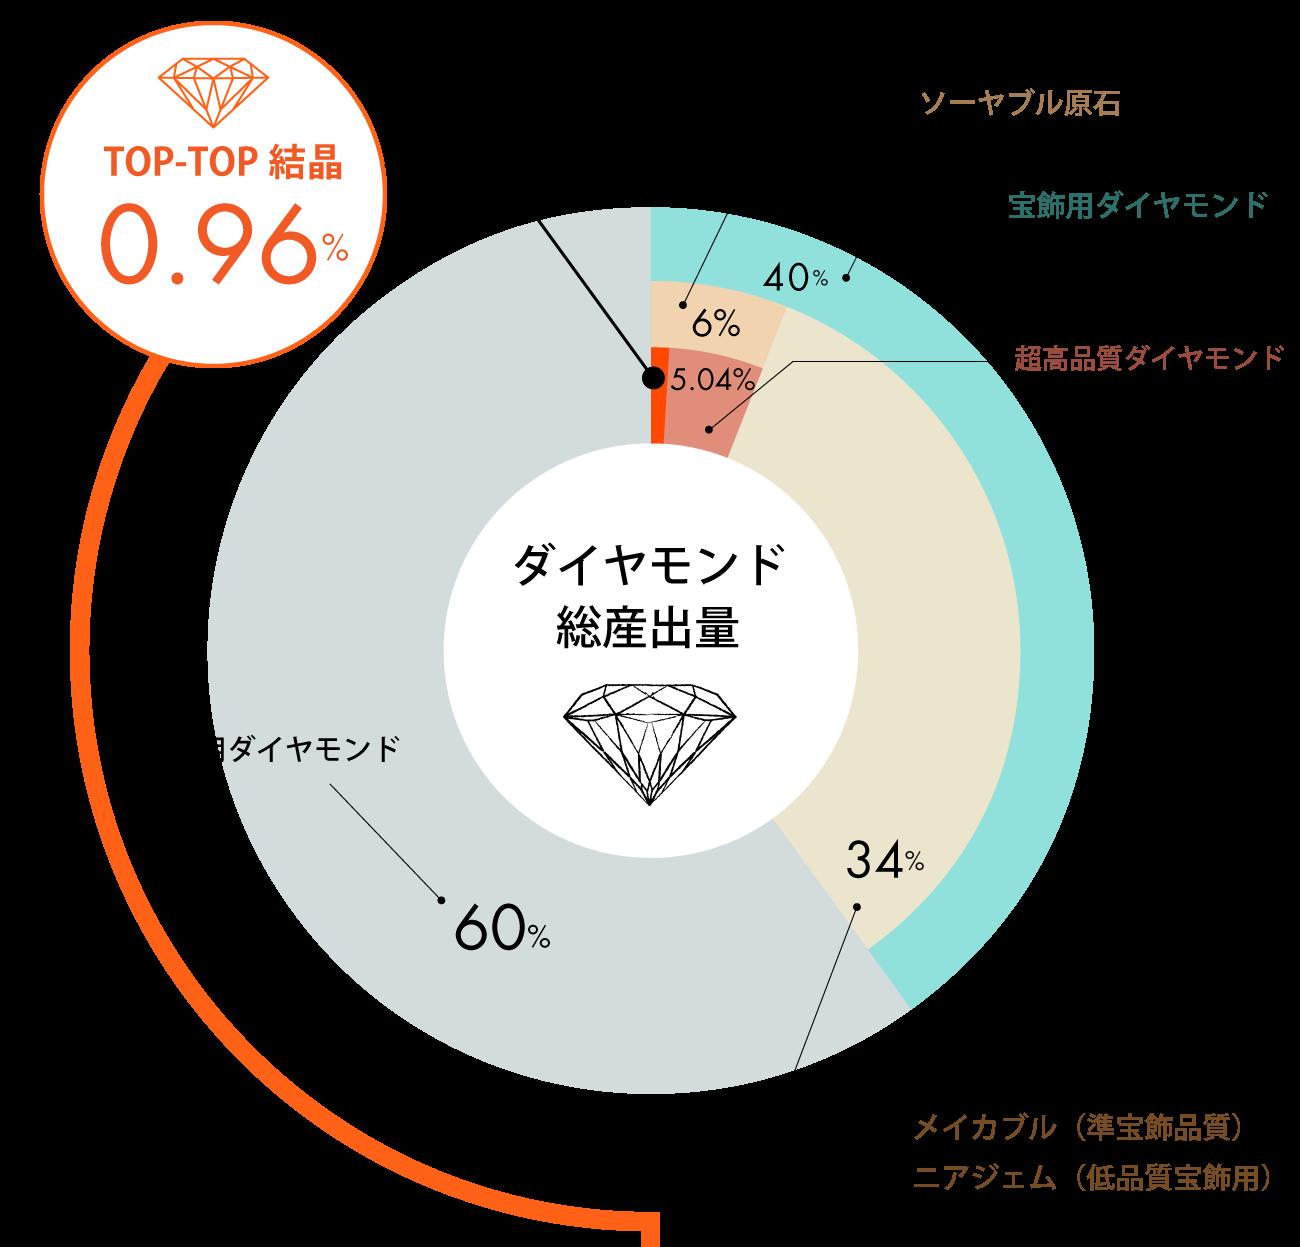 ダイヤモンド原石を厳選TOP1%フィリッペンスベルト氏ダイヤモンド研磨ブリッジ銀座